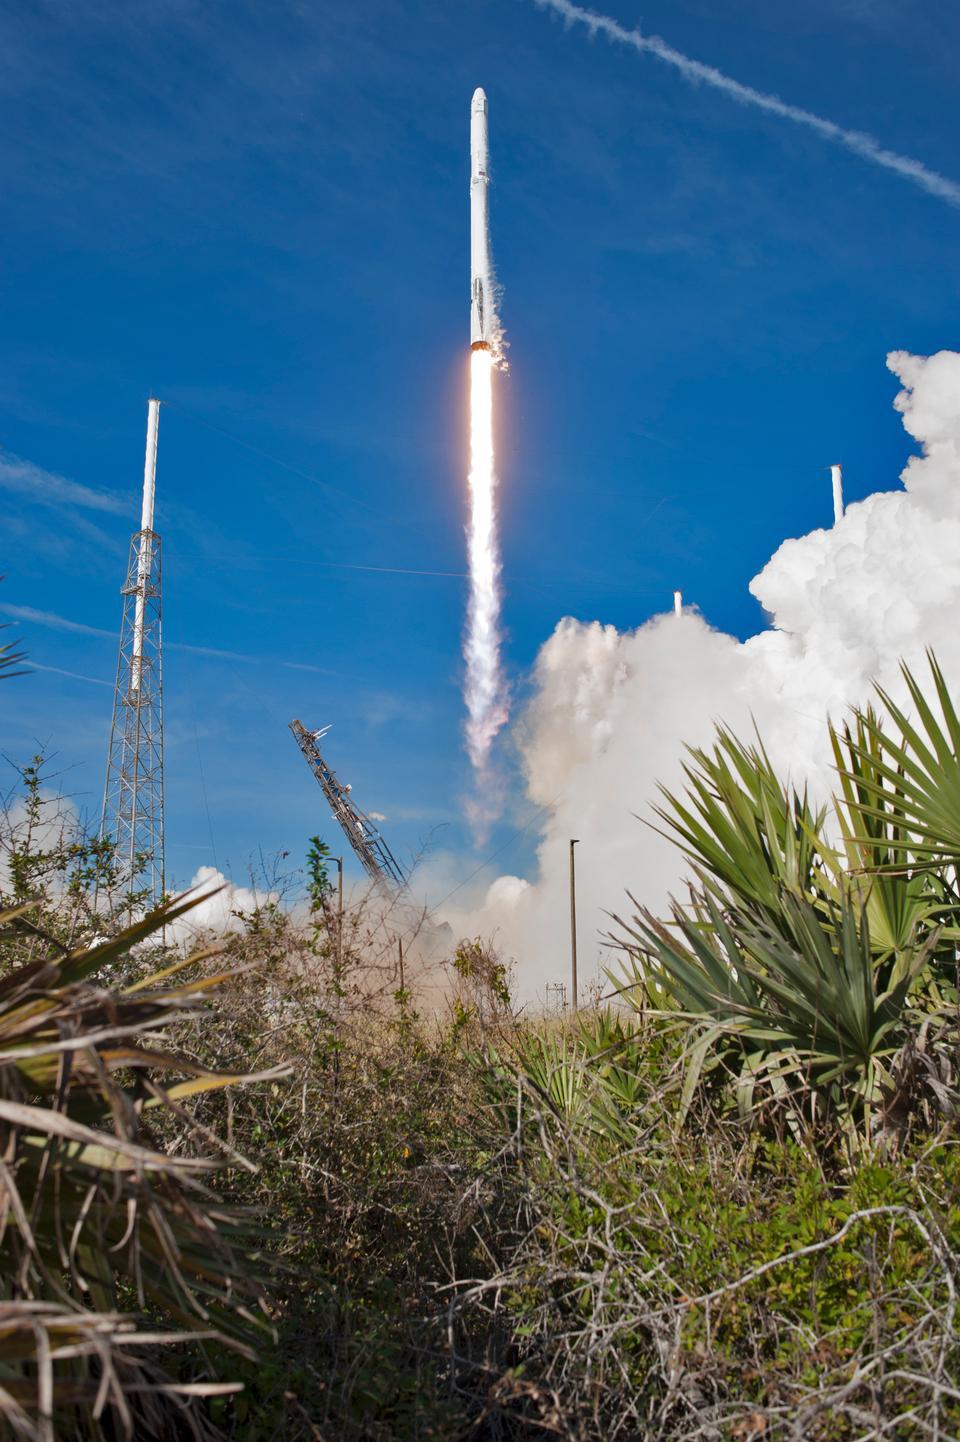 兩階段獵鷹9發射